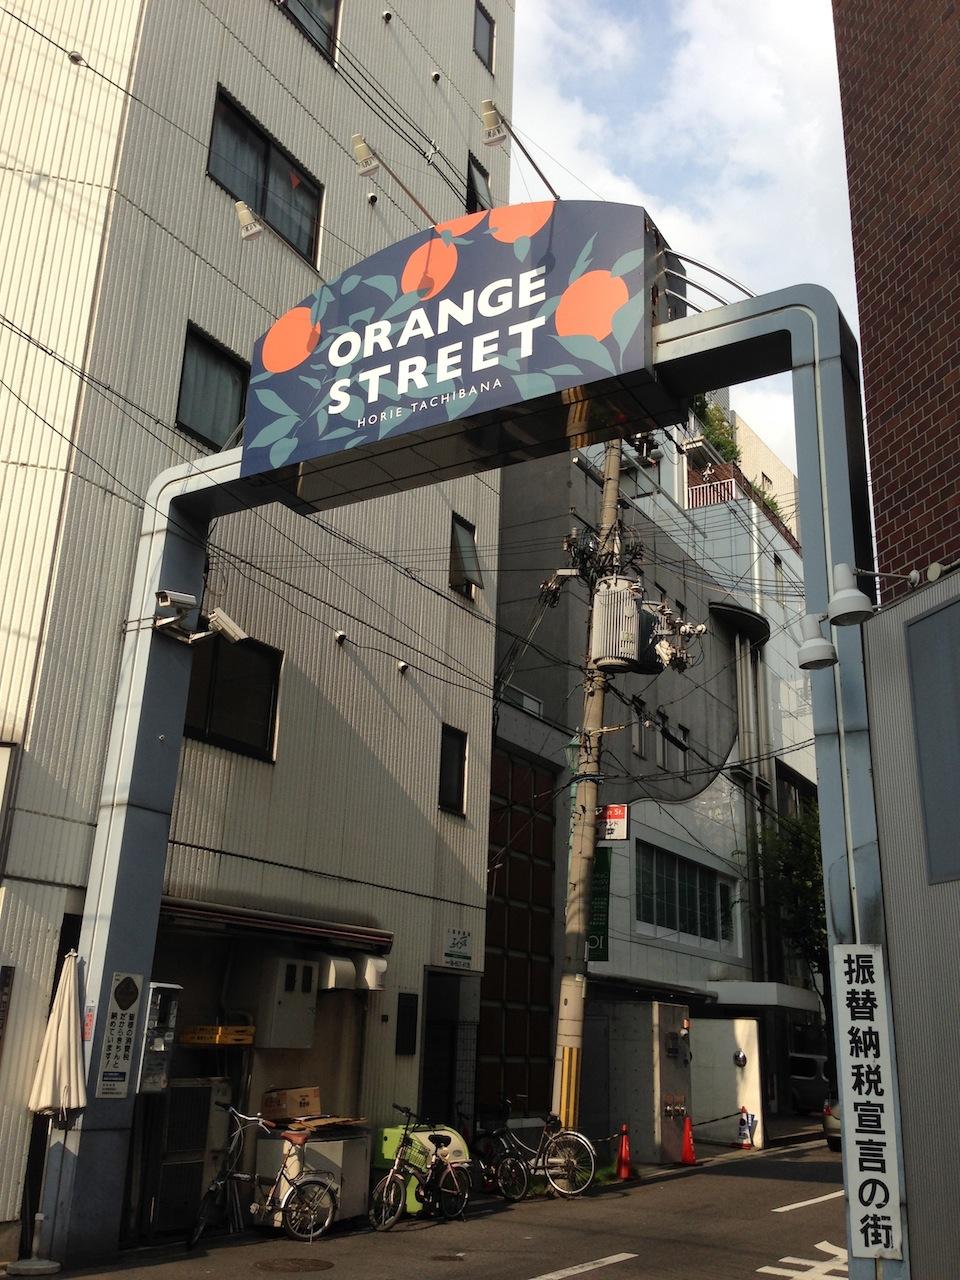 南堀江と言えば橘通(オレンジストリート)今日は敢えてここからはずれた脇道を散策